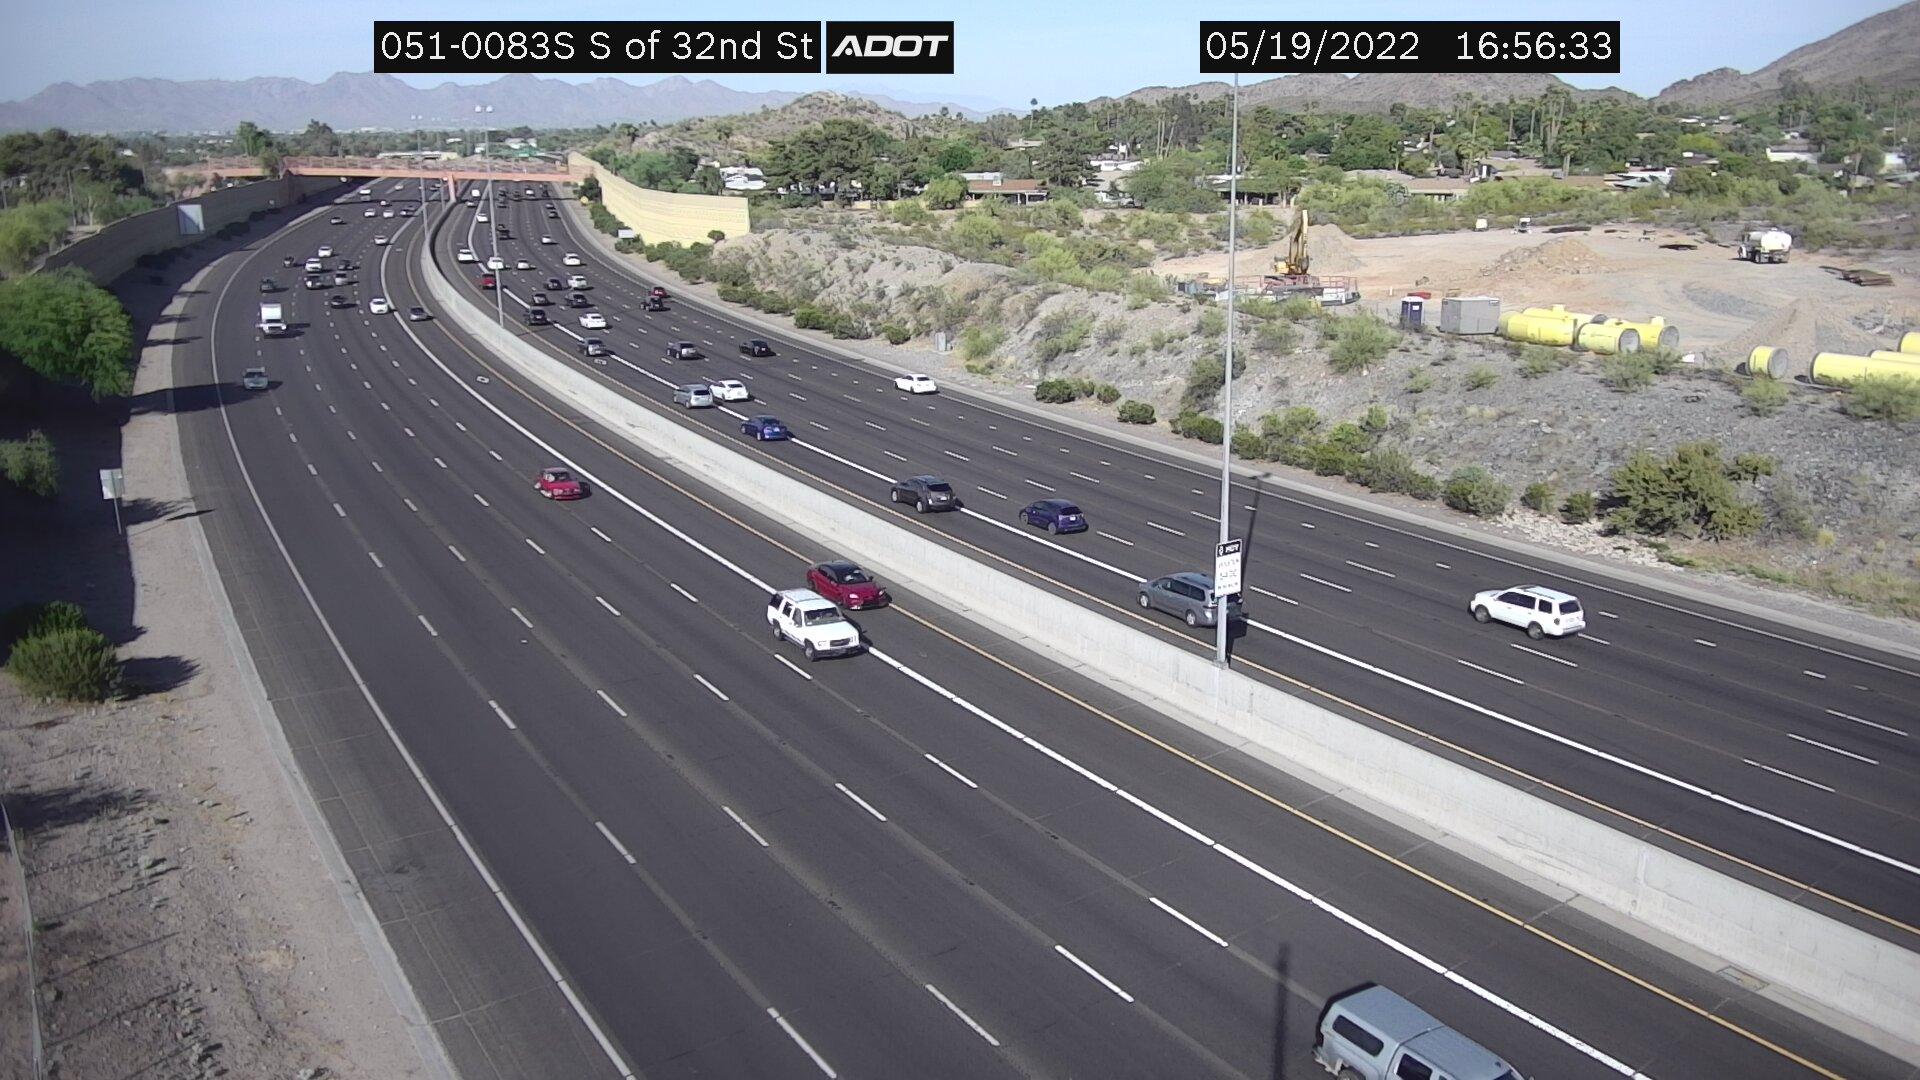 S of 32nd St SB (SR51) (084) - Phoenix and Arizona